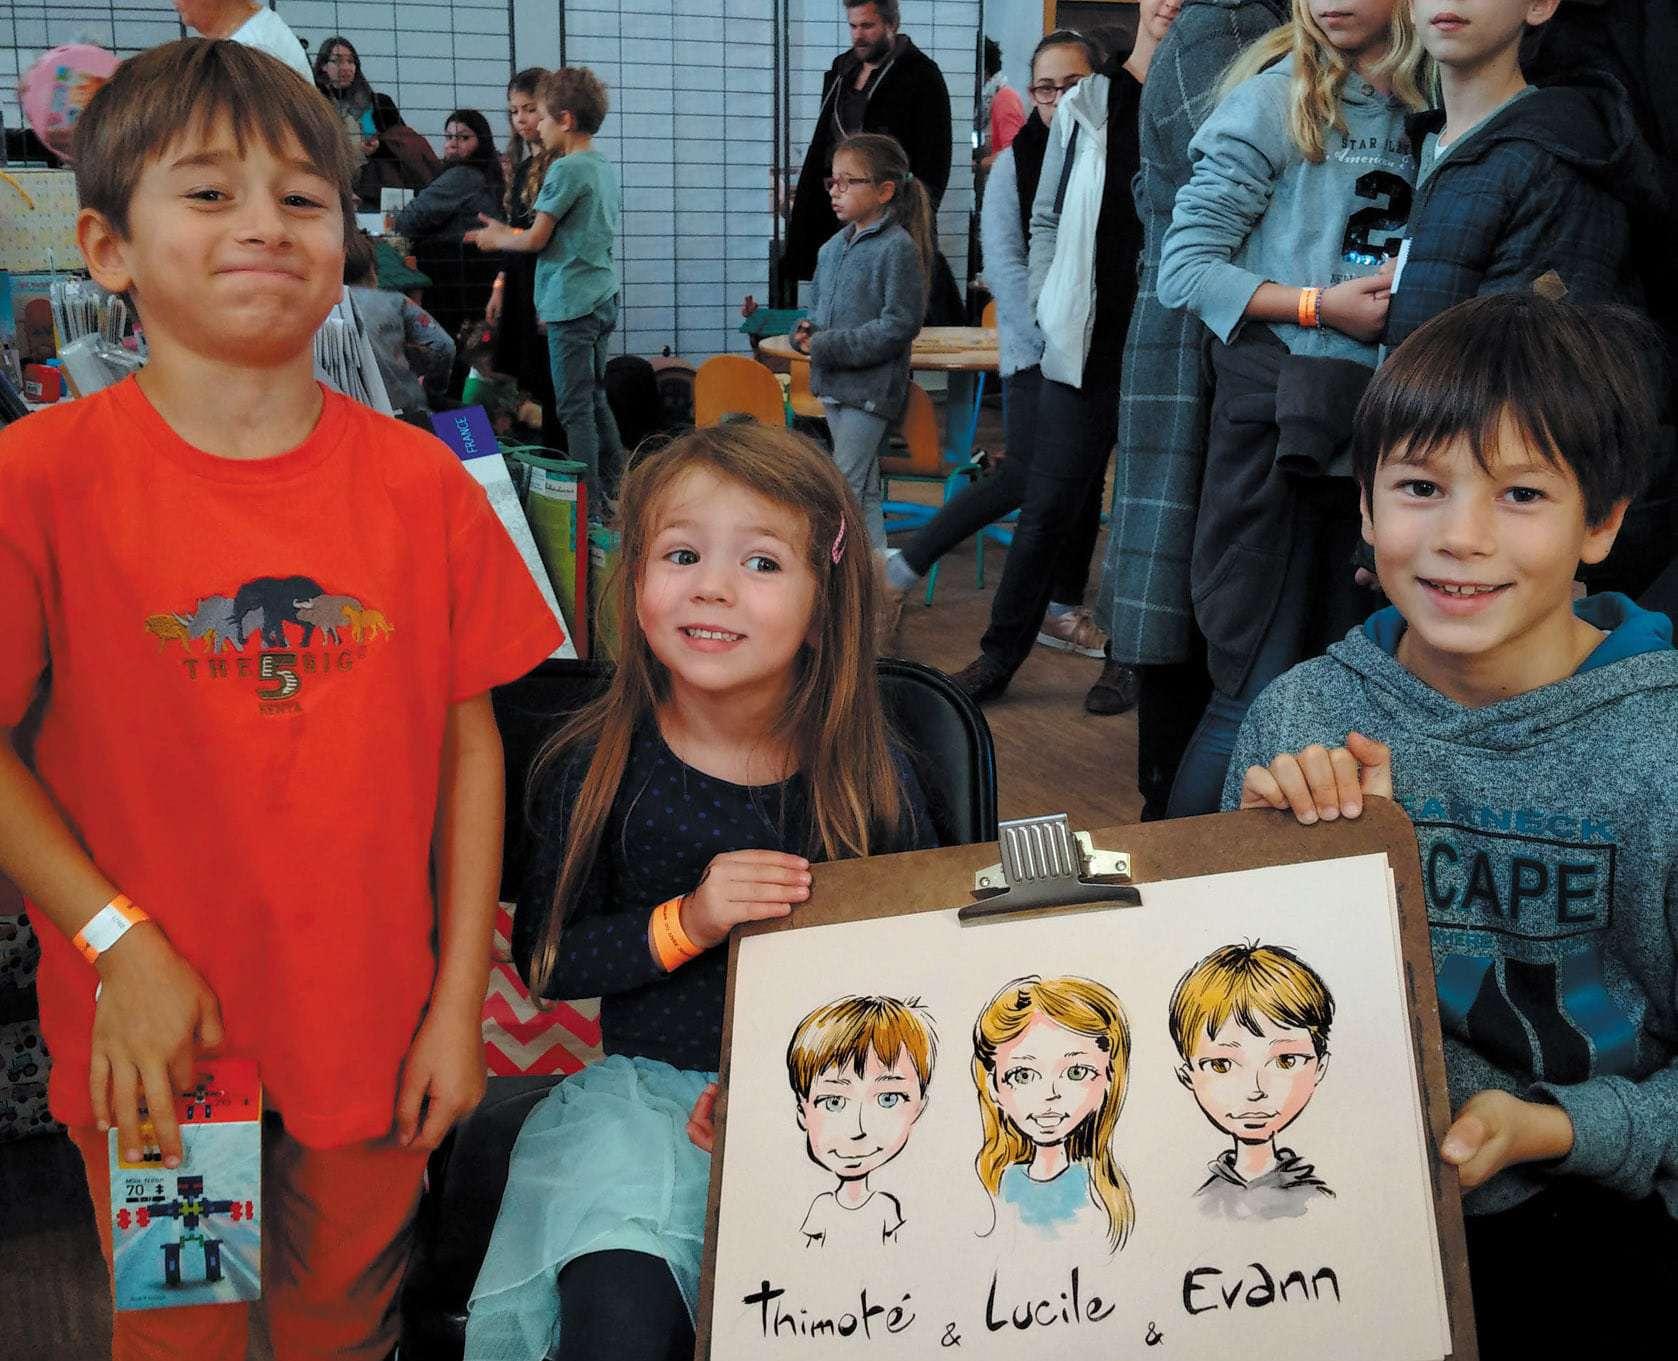 3 enfants caricaturés